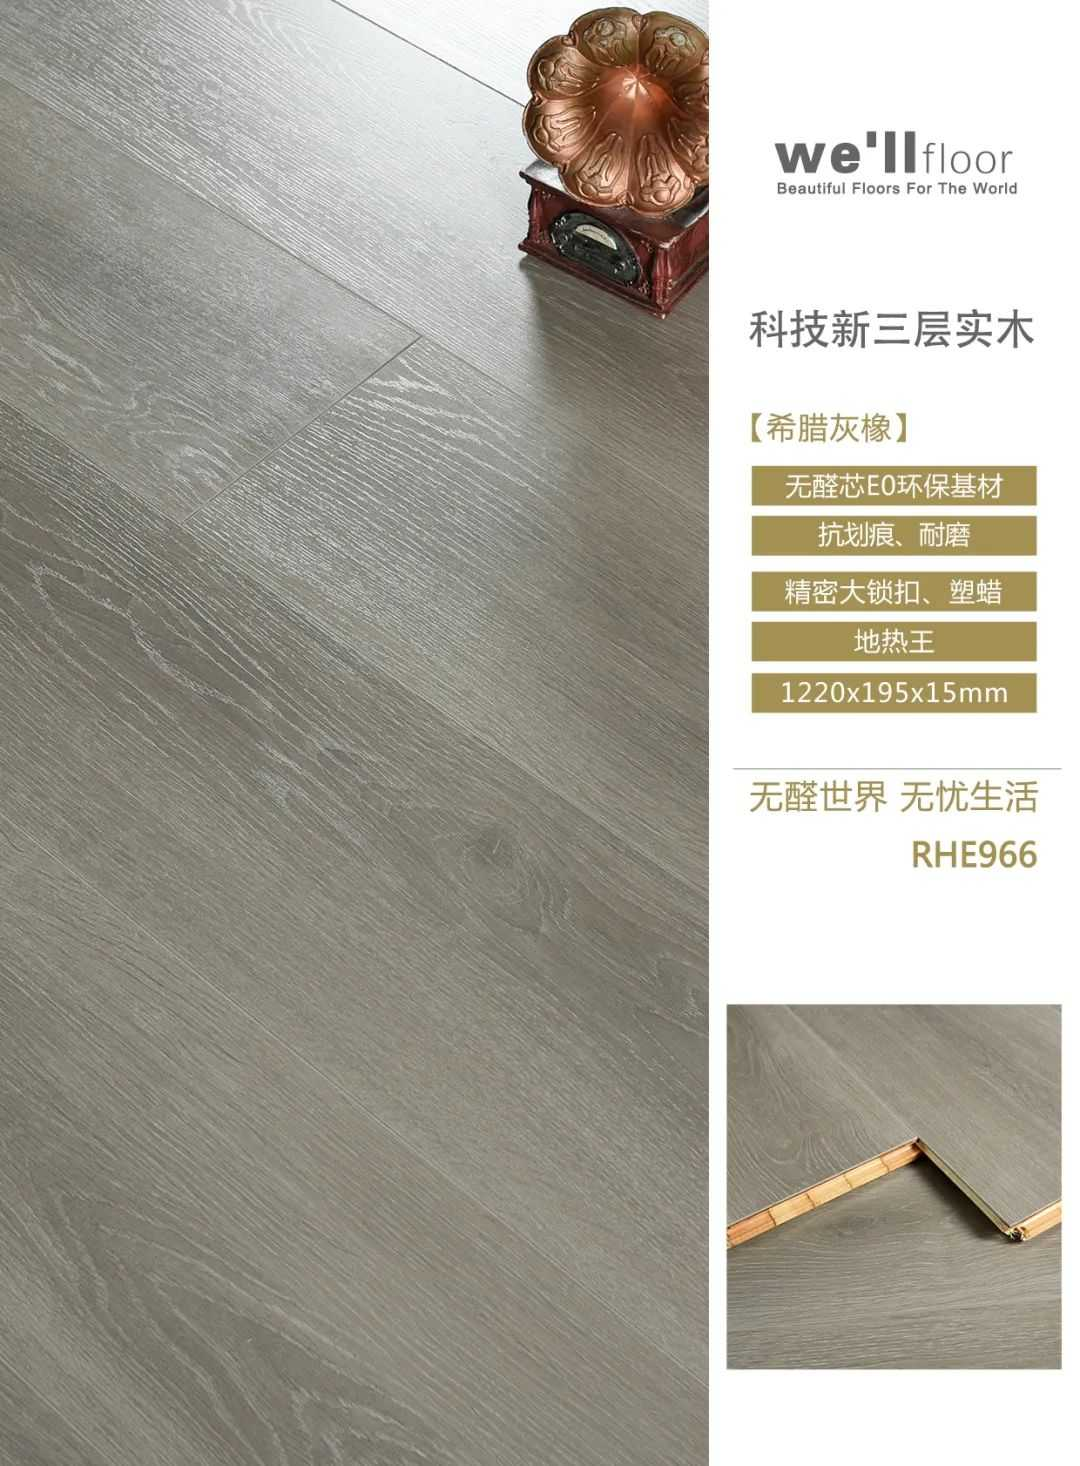 惠尔地板-新三层实木地板、强化木地板产品图片_6